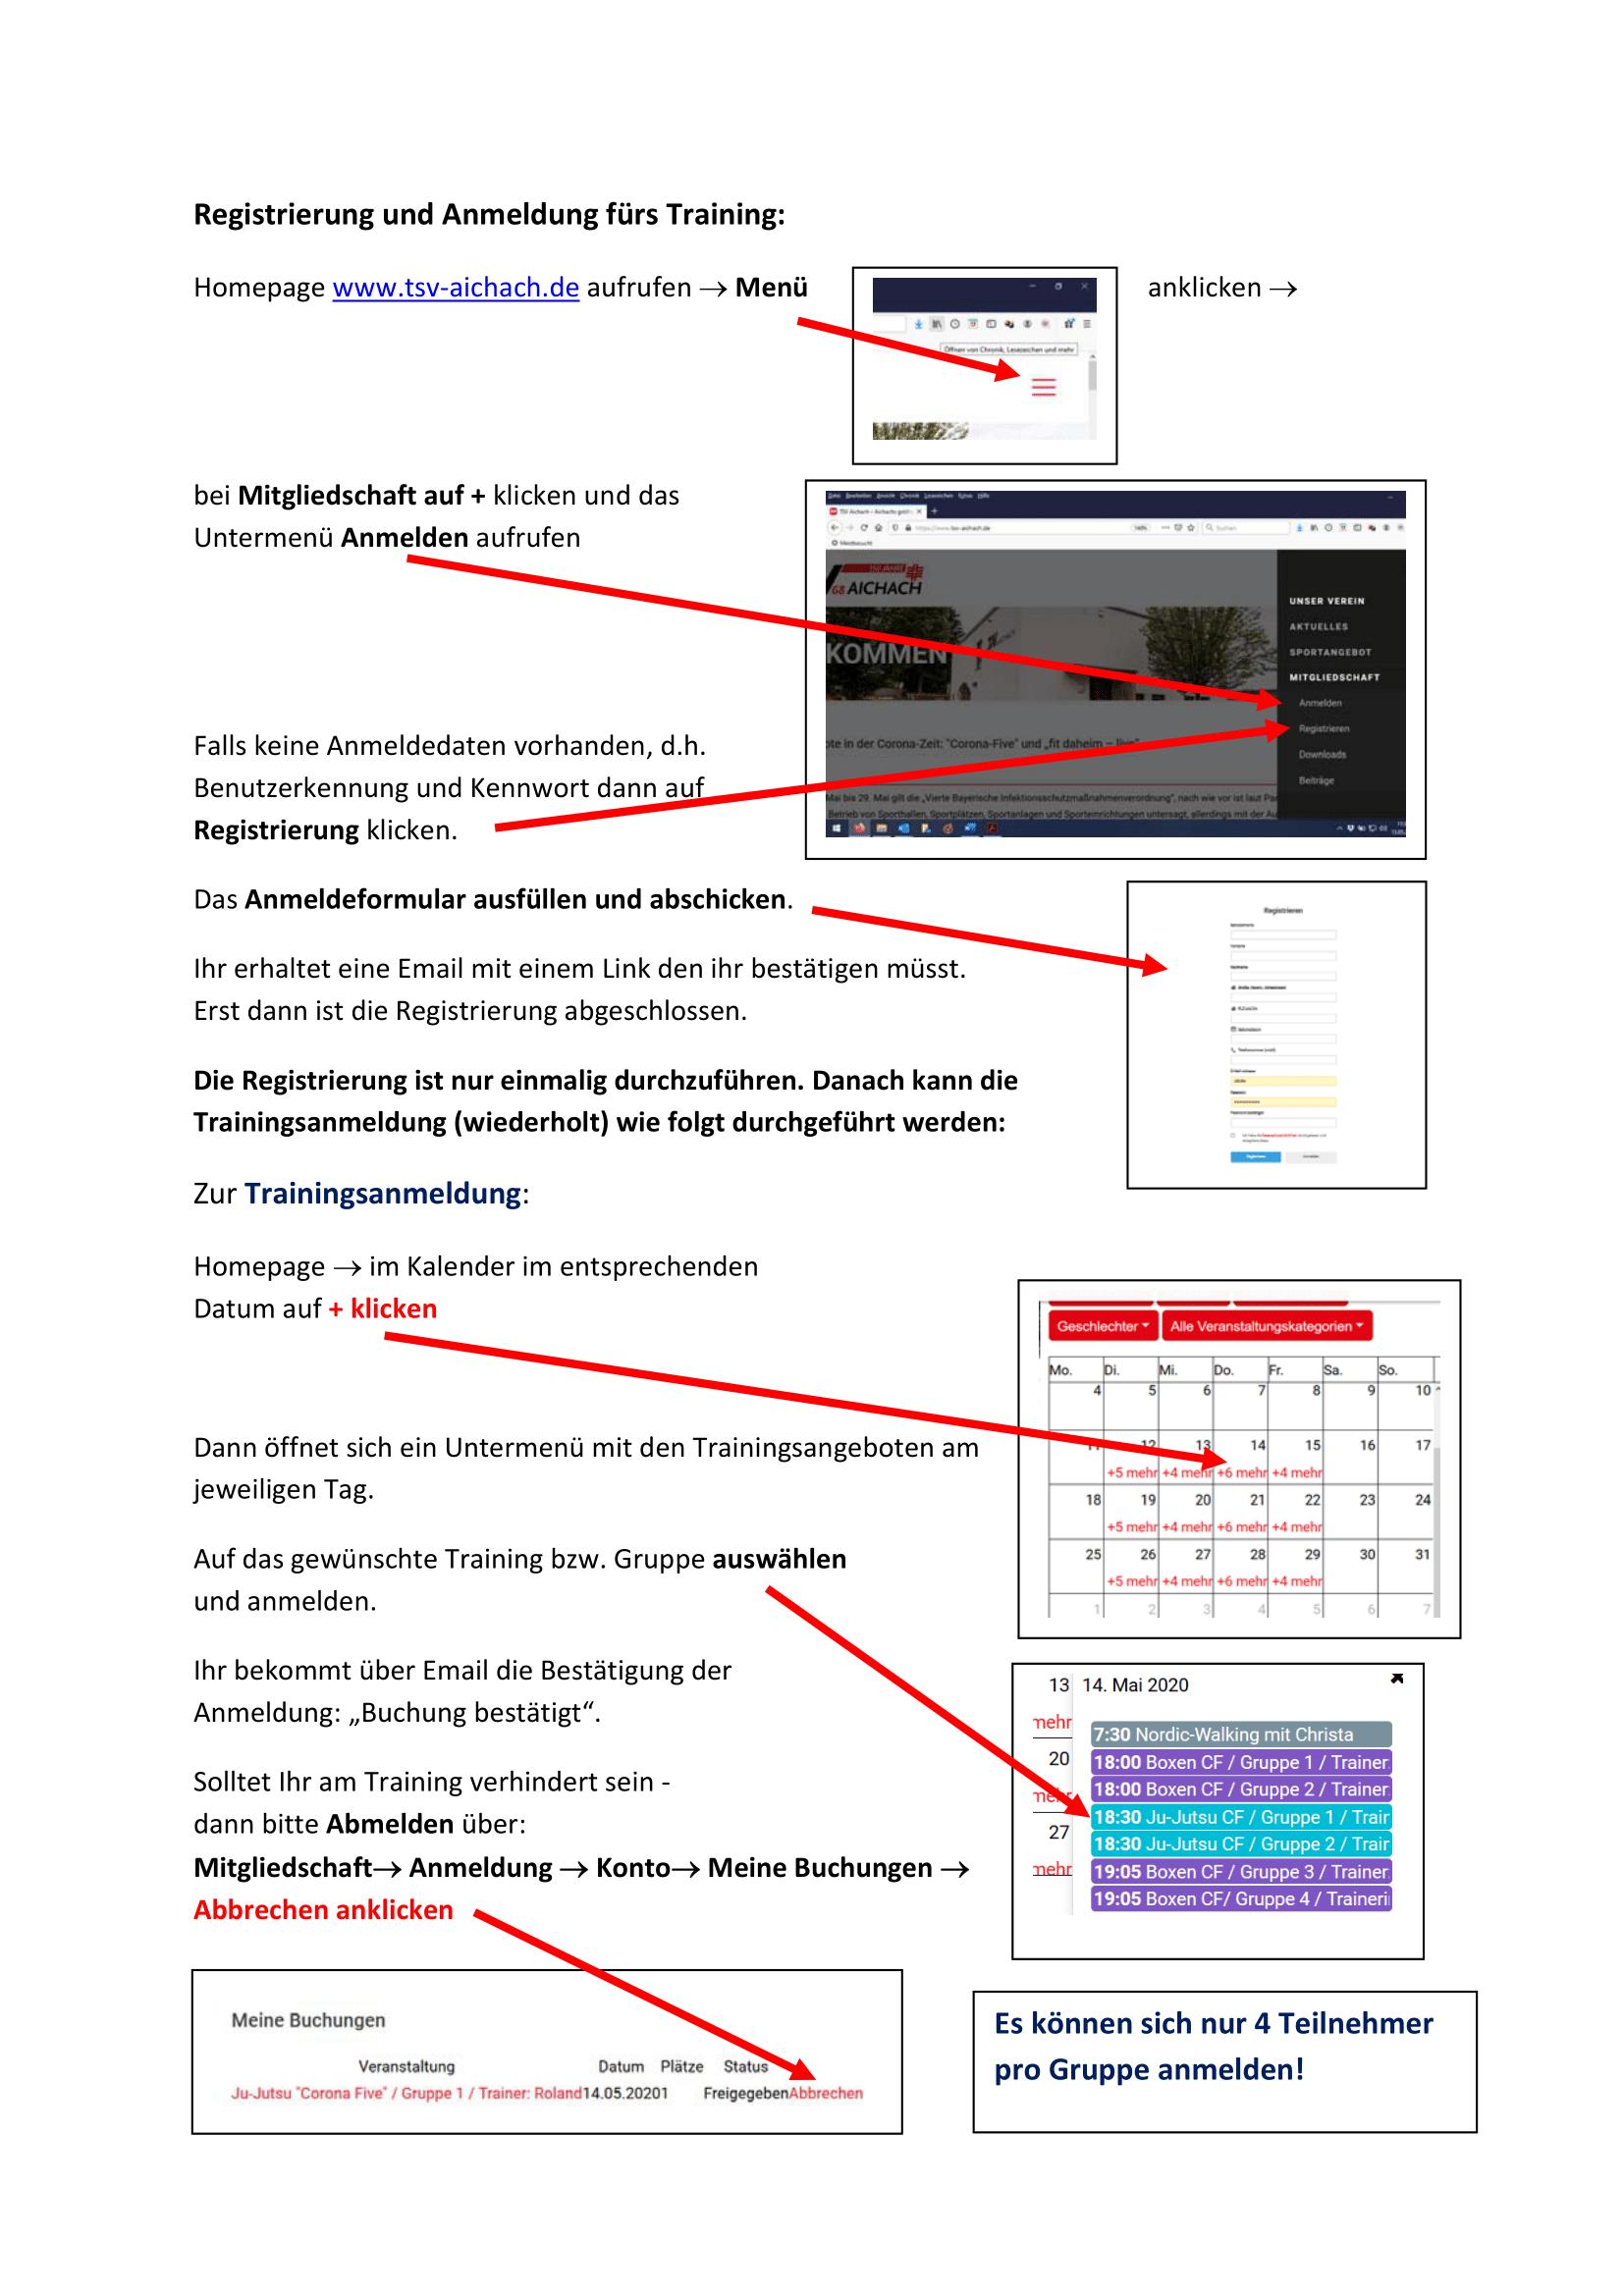 Registrierung und Anmeldung fürs Training (005)-1